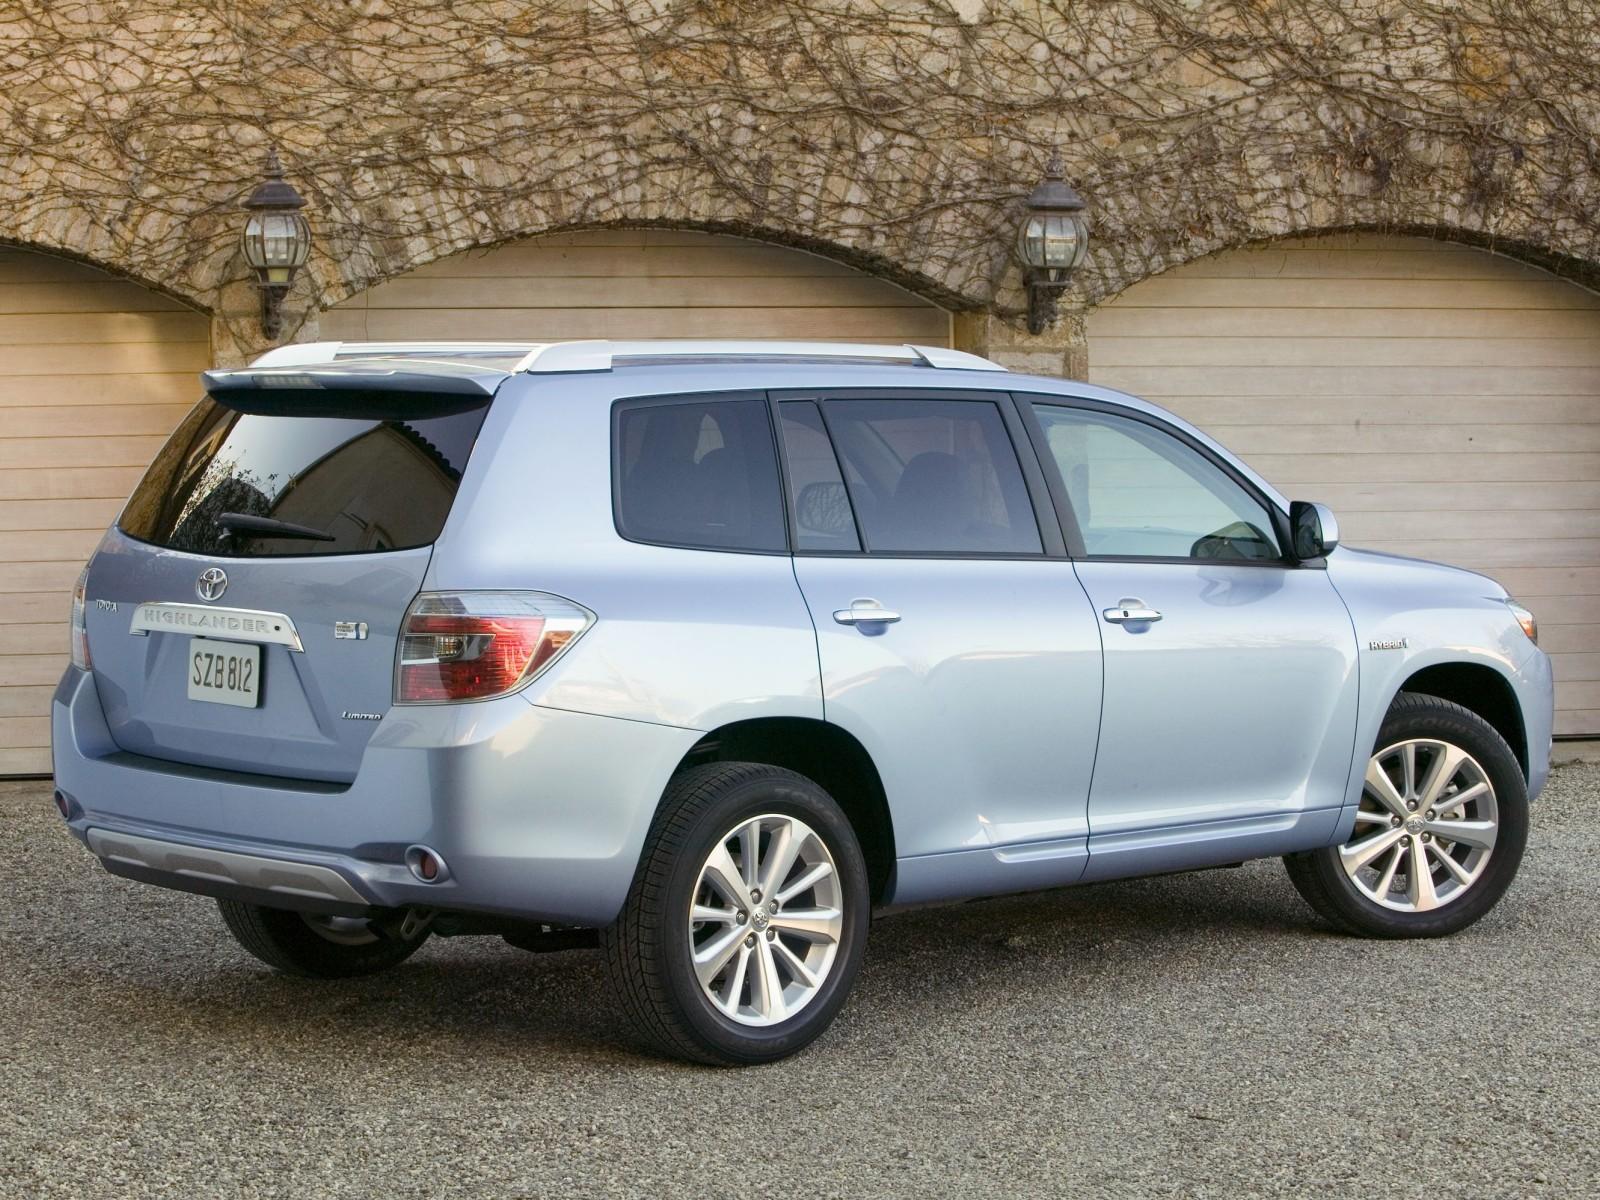 Toyota Highlander Hybrid - Consumer Reports